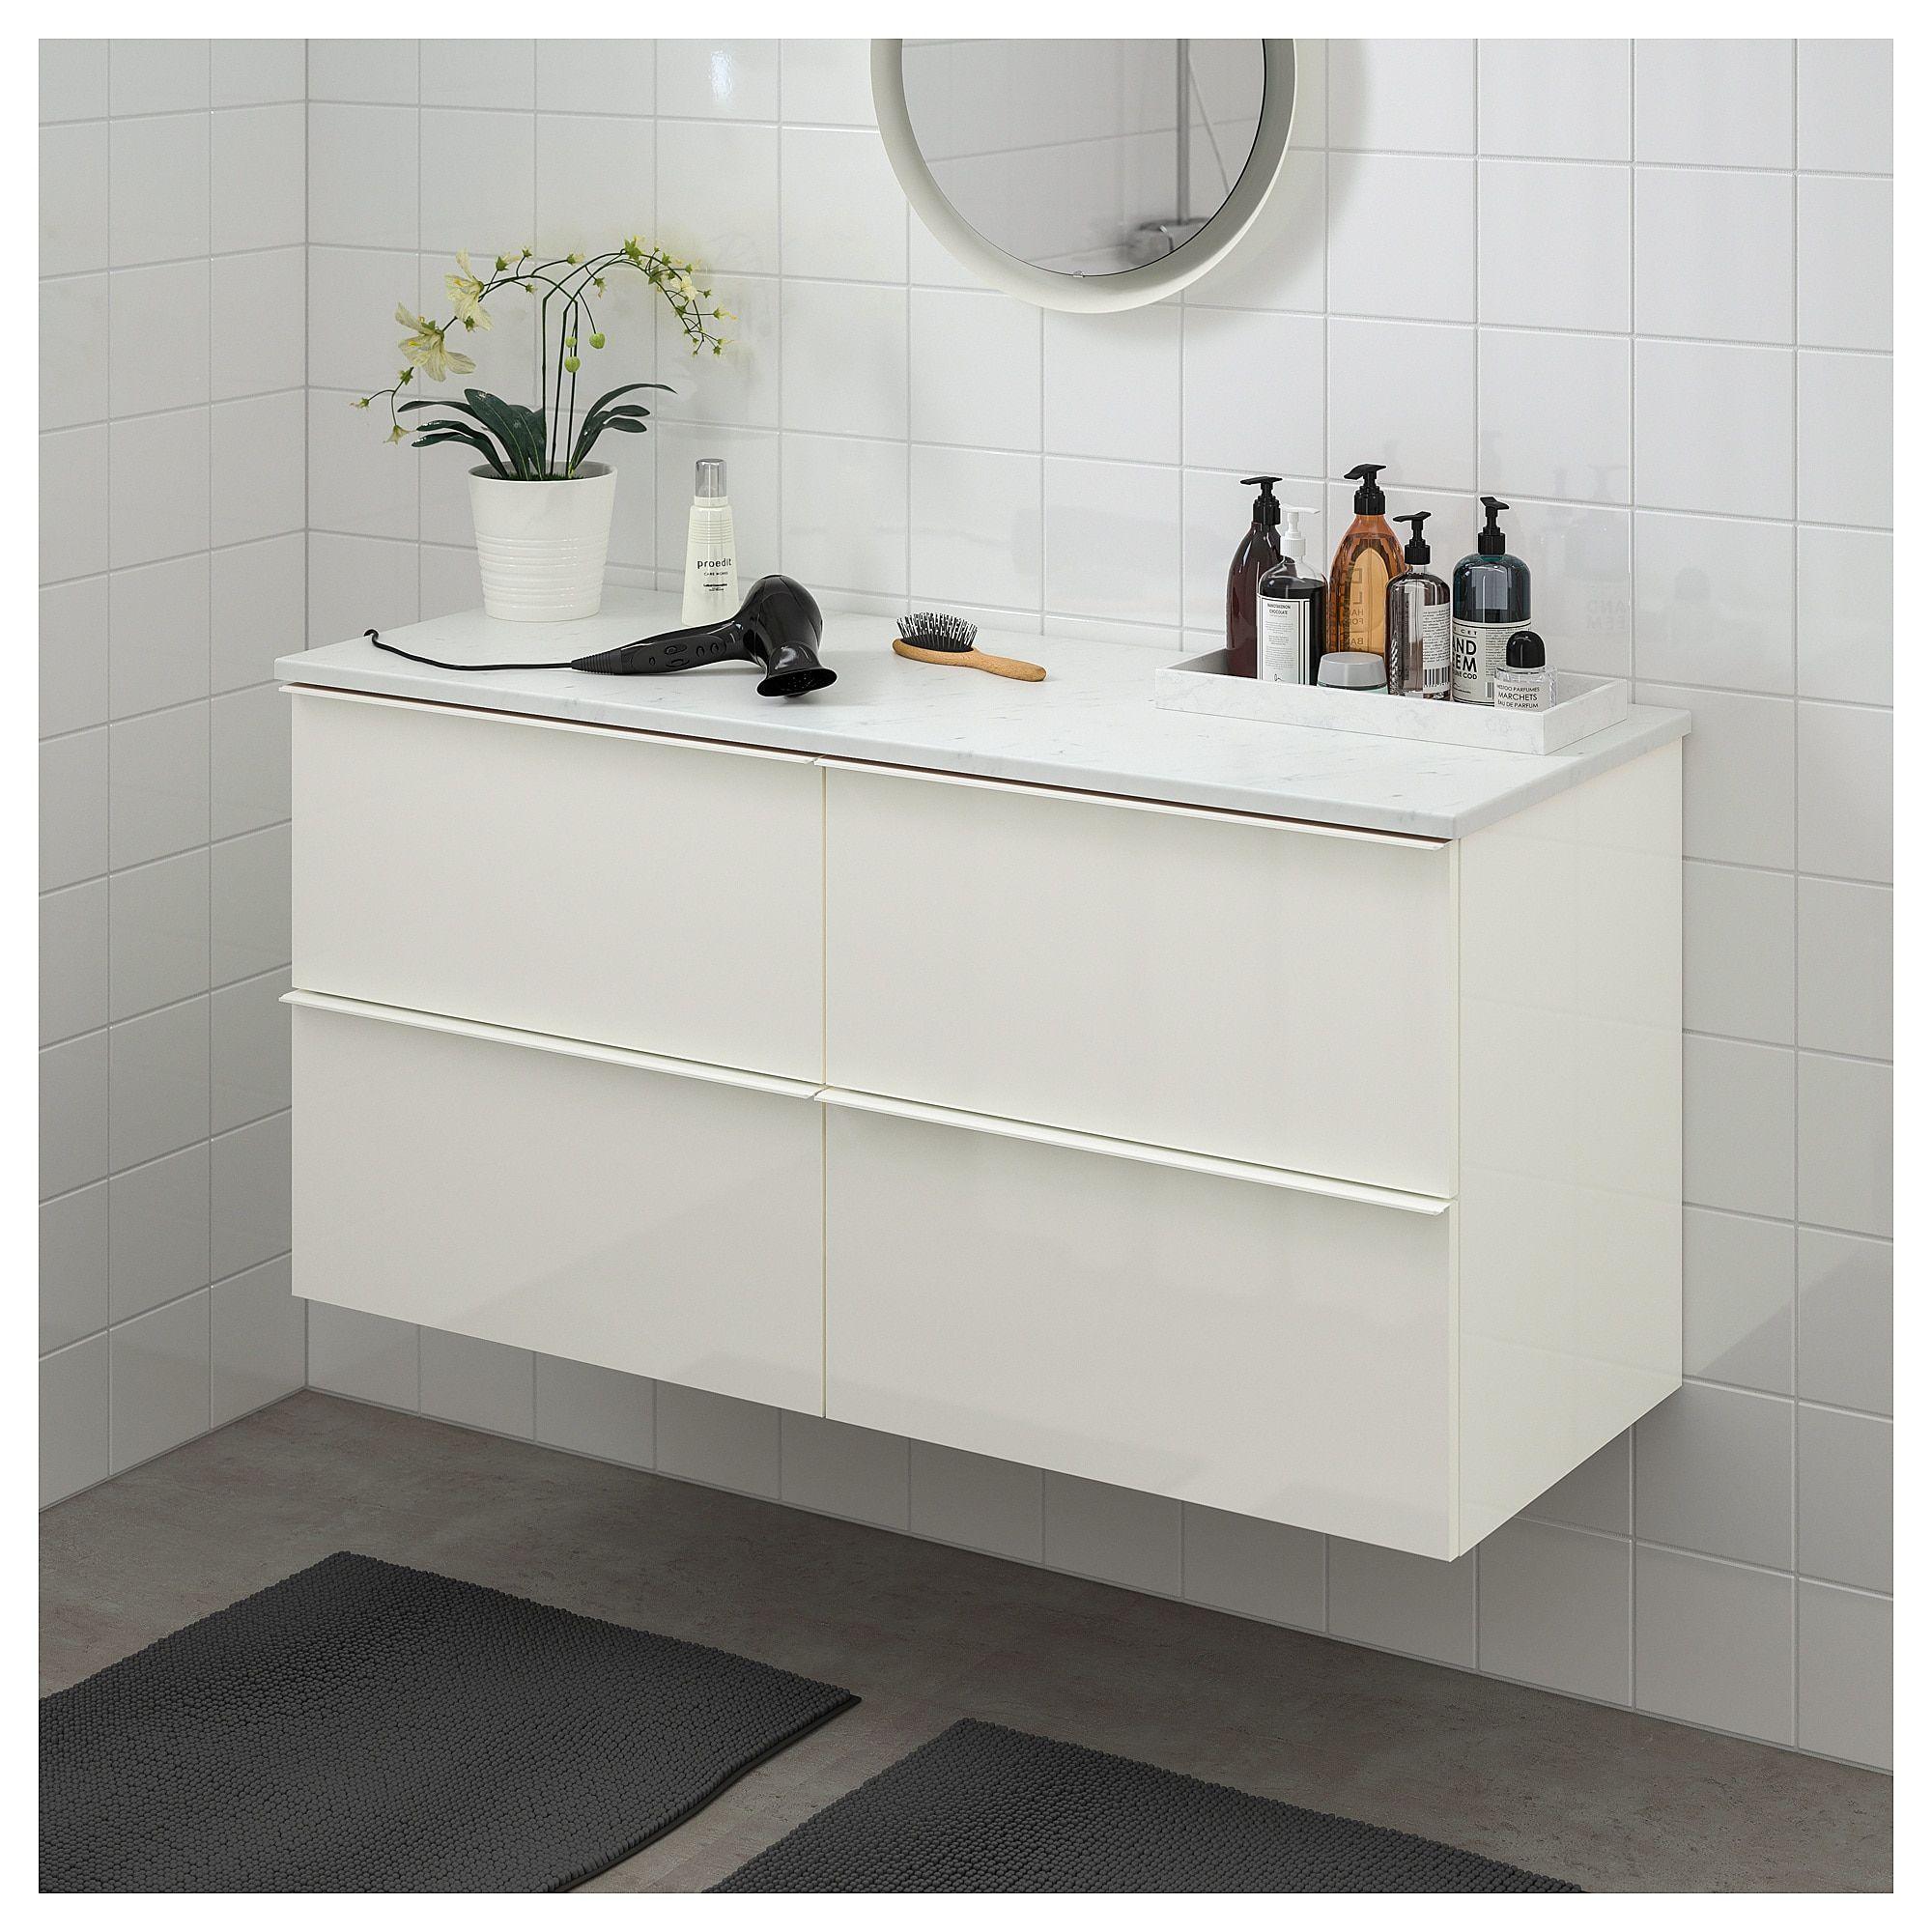 IKEA - GODMORGON / TOLKEN Bathroom vanity high gloss white